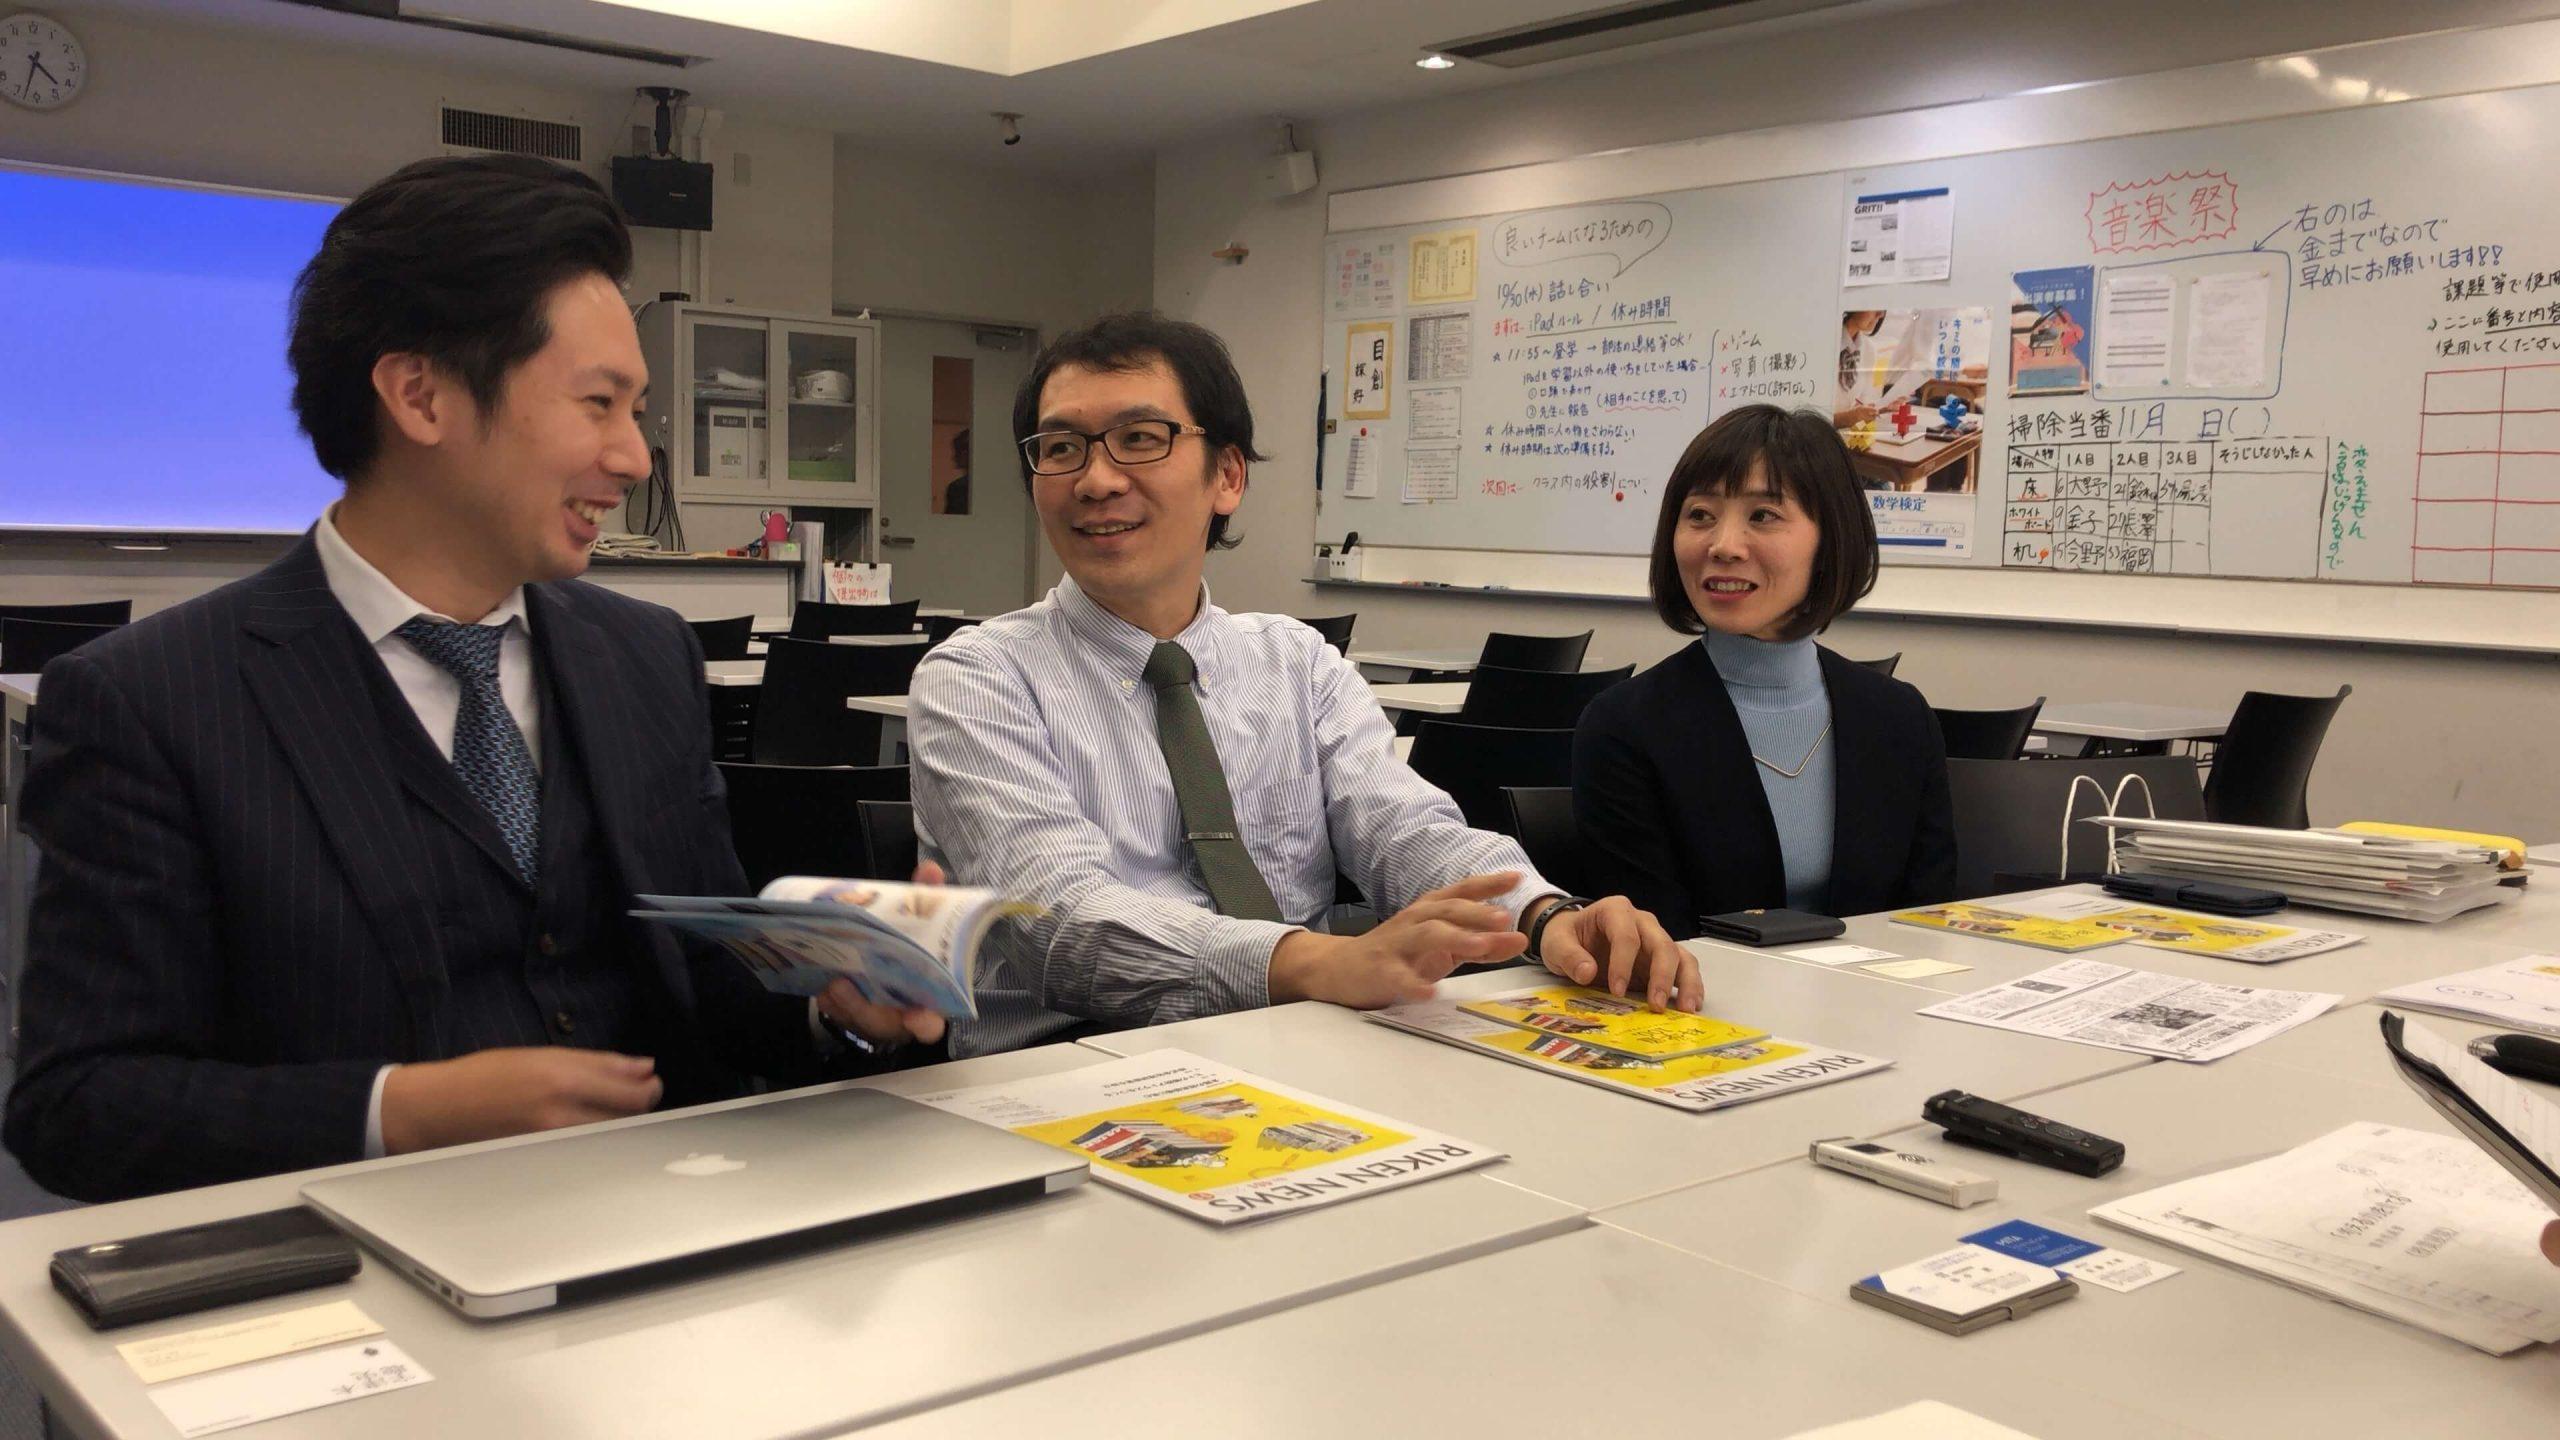 田中潤先生、辻敏之先生、佐藤充恵先生の写真